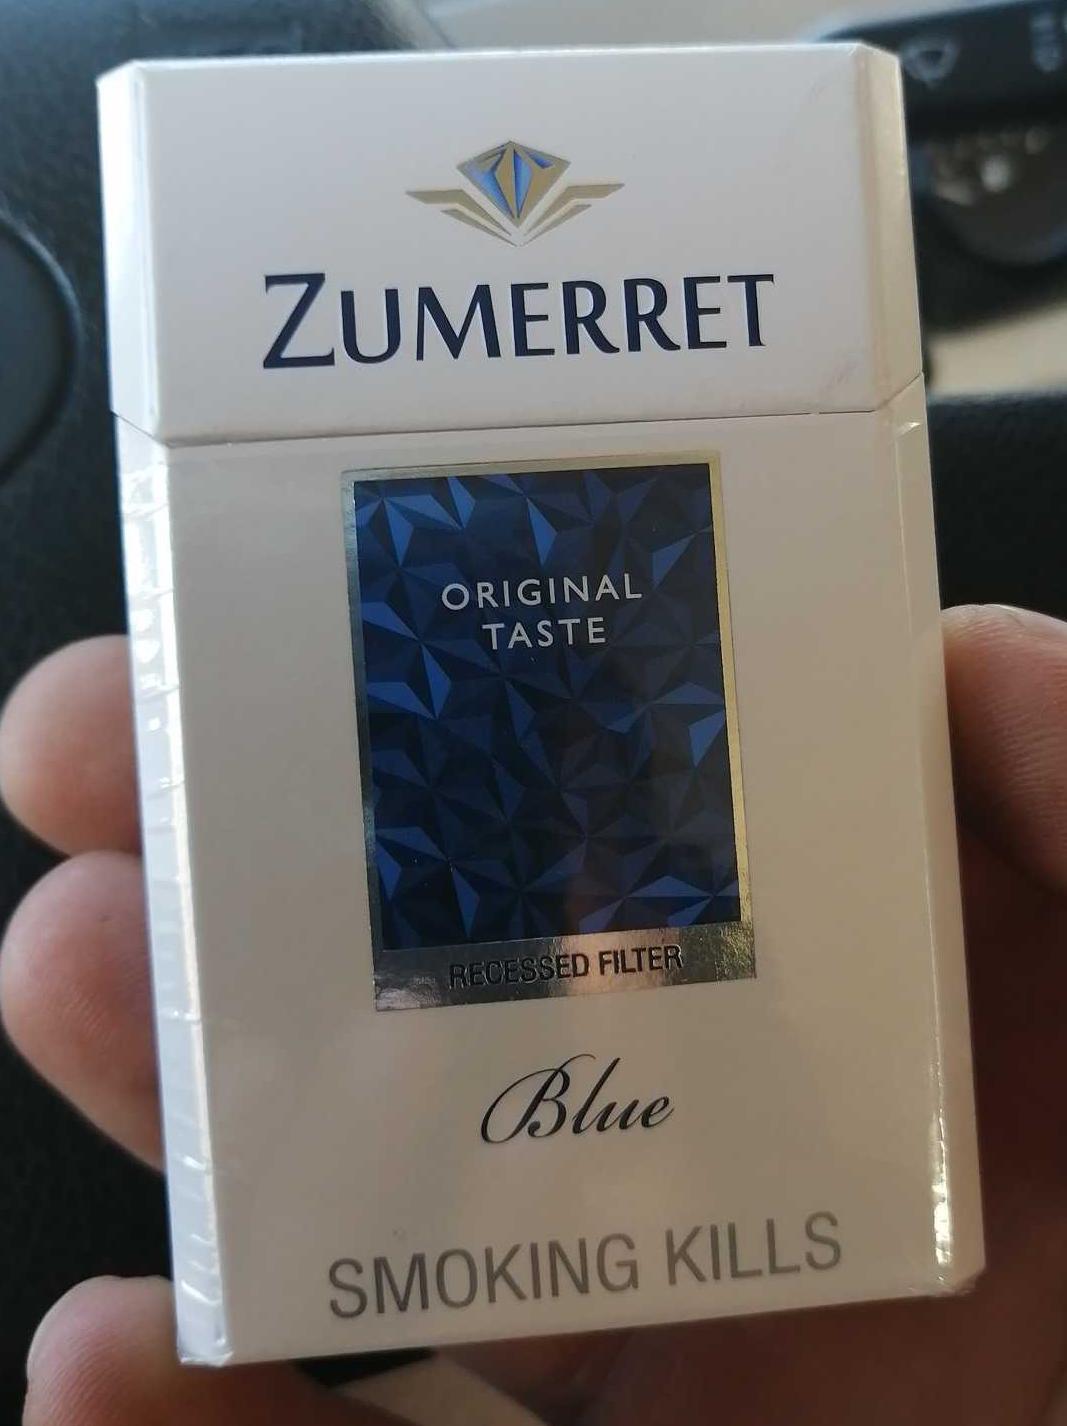 Zumerret сигареты где купить электронная сигарета sky отзывы одноразовая